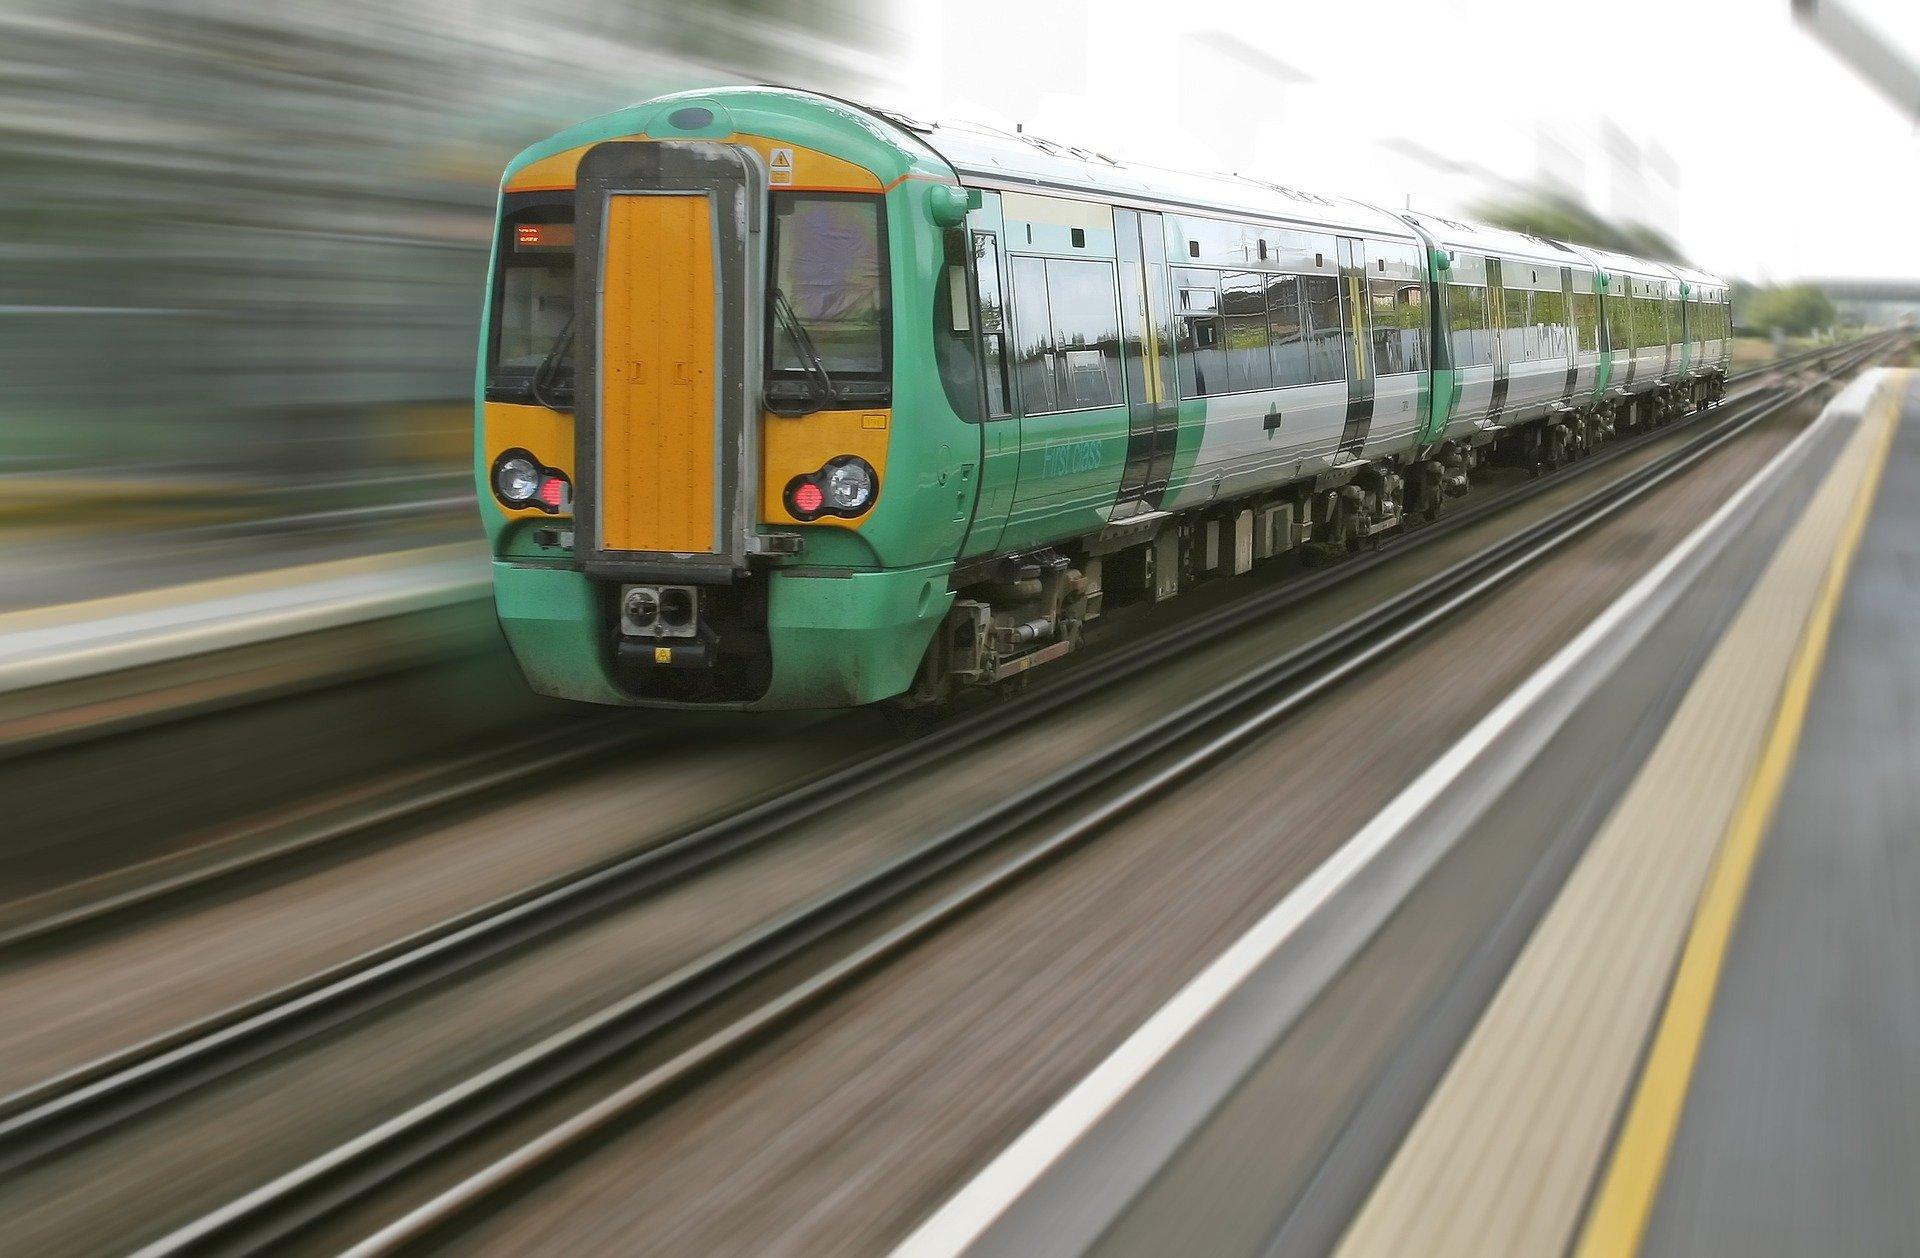 Grüner Zug mit verwischtem Hintergrund